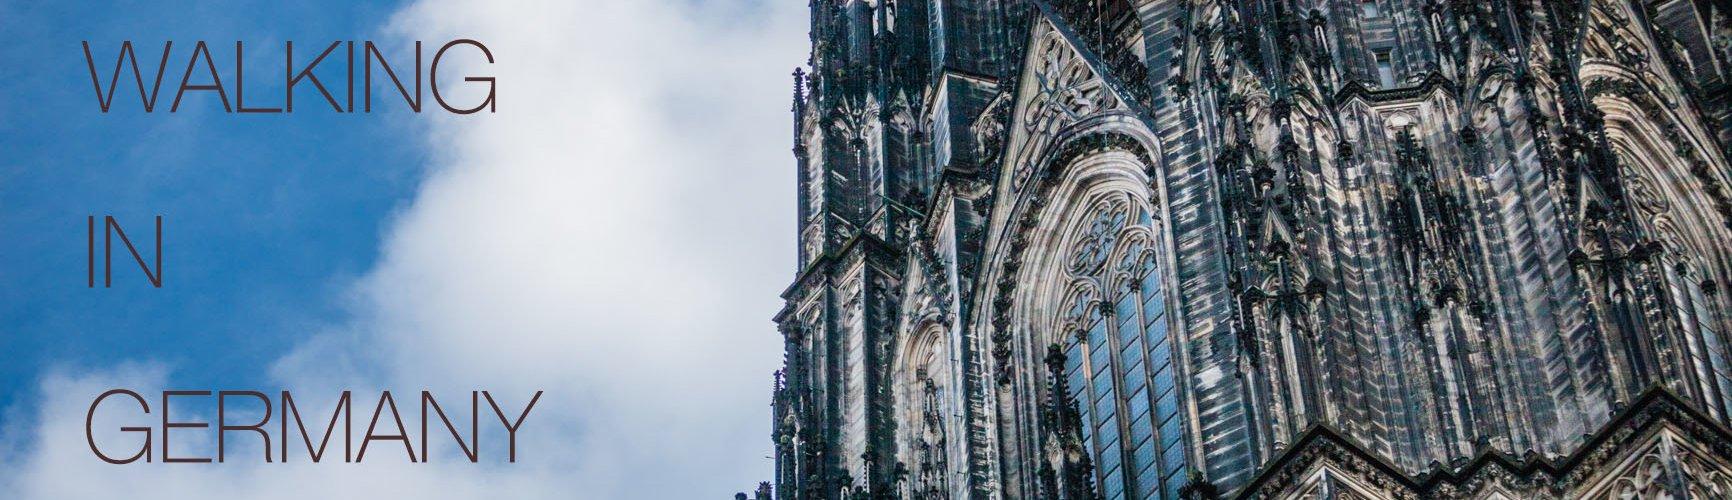 行走德意志,一个摄影师看德国